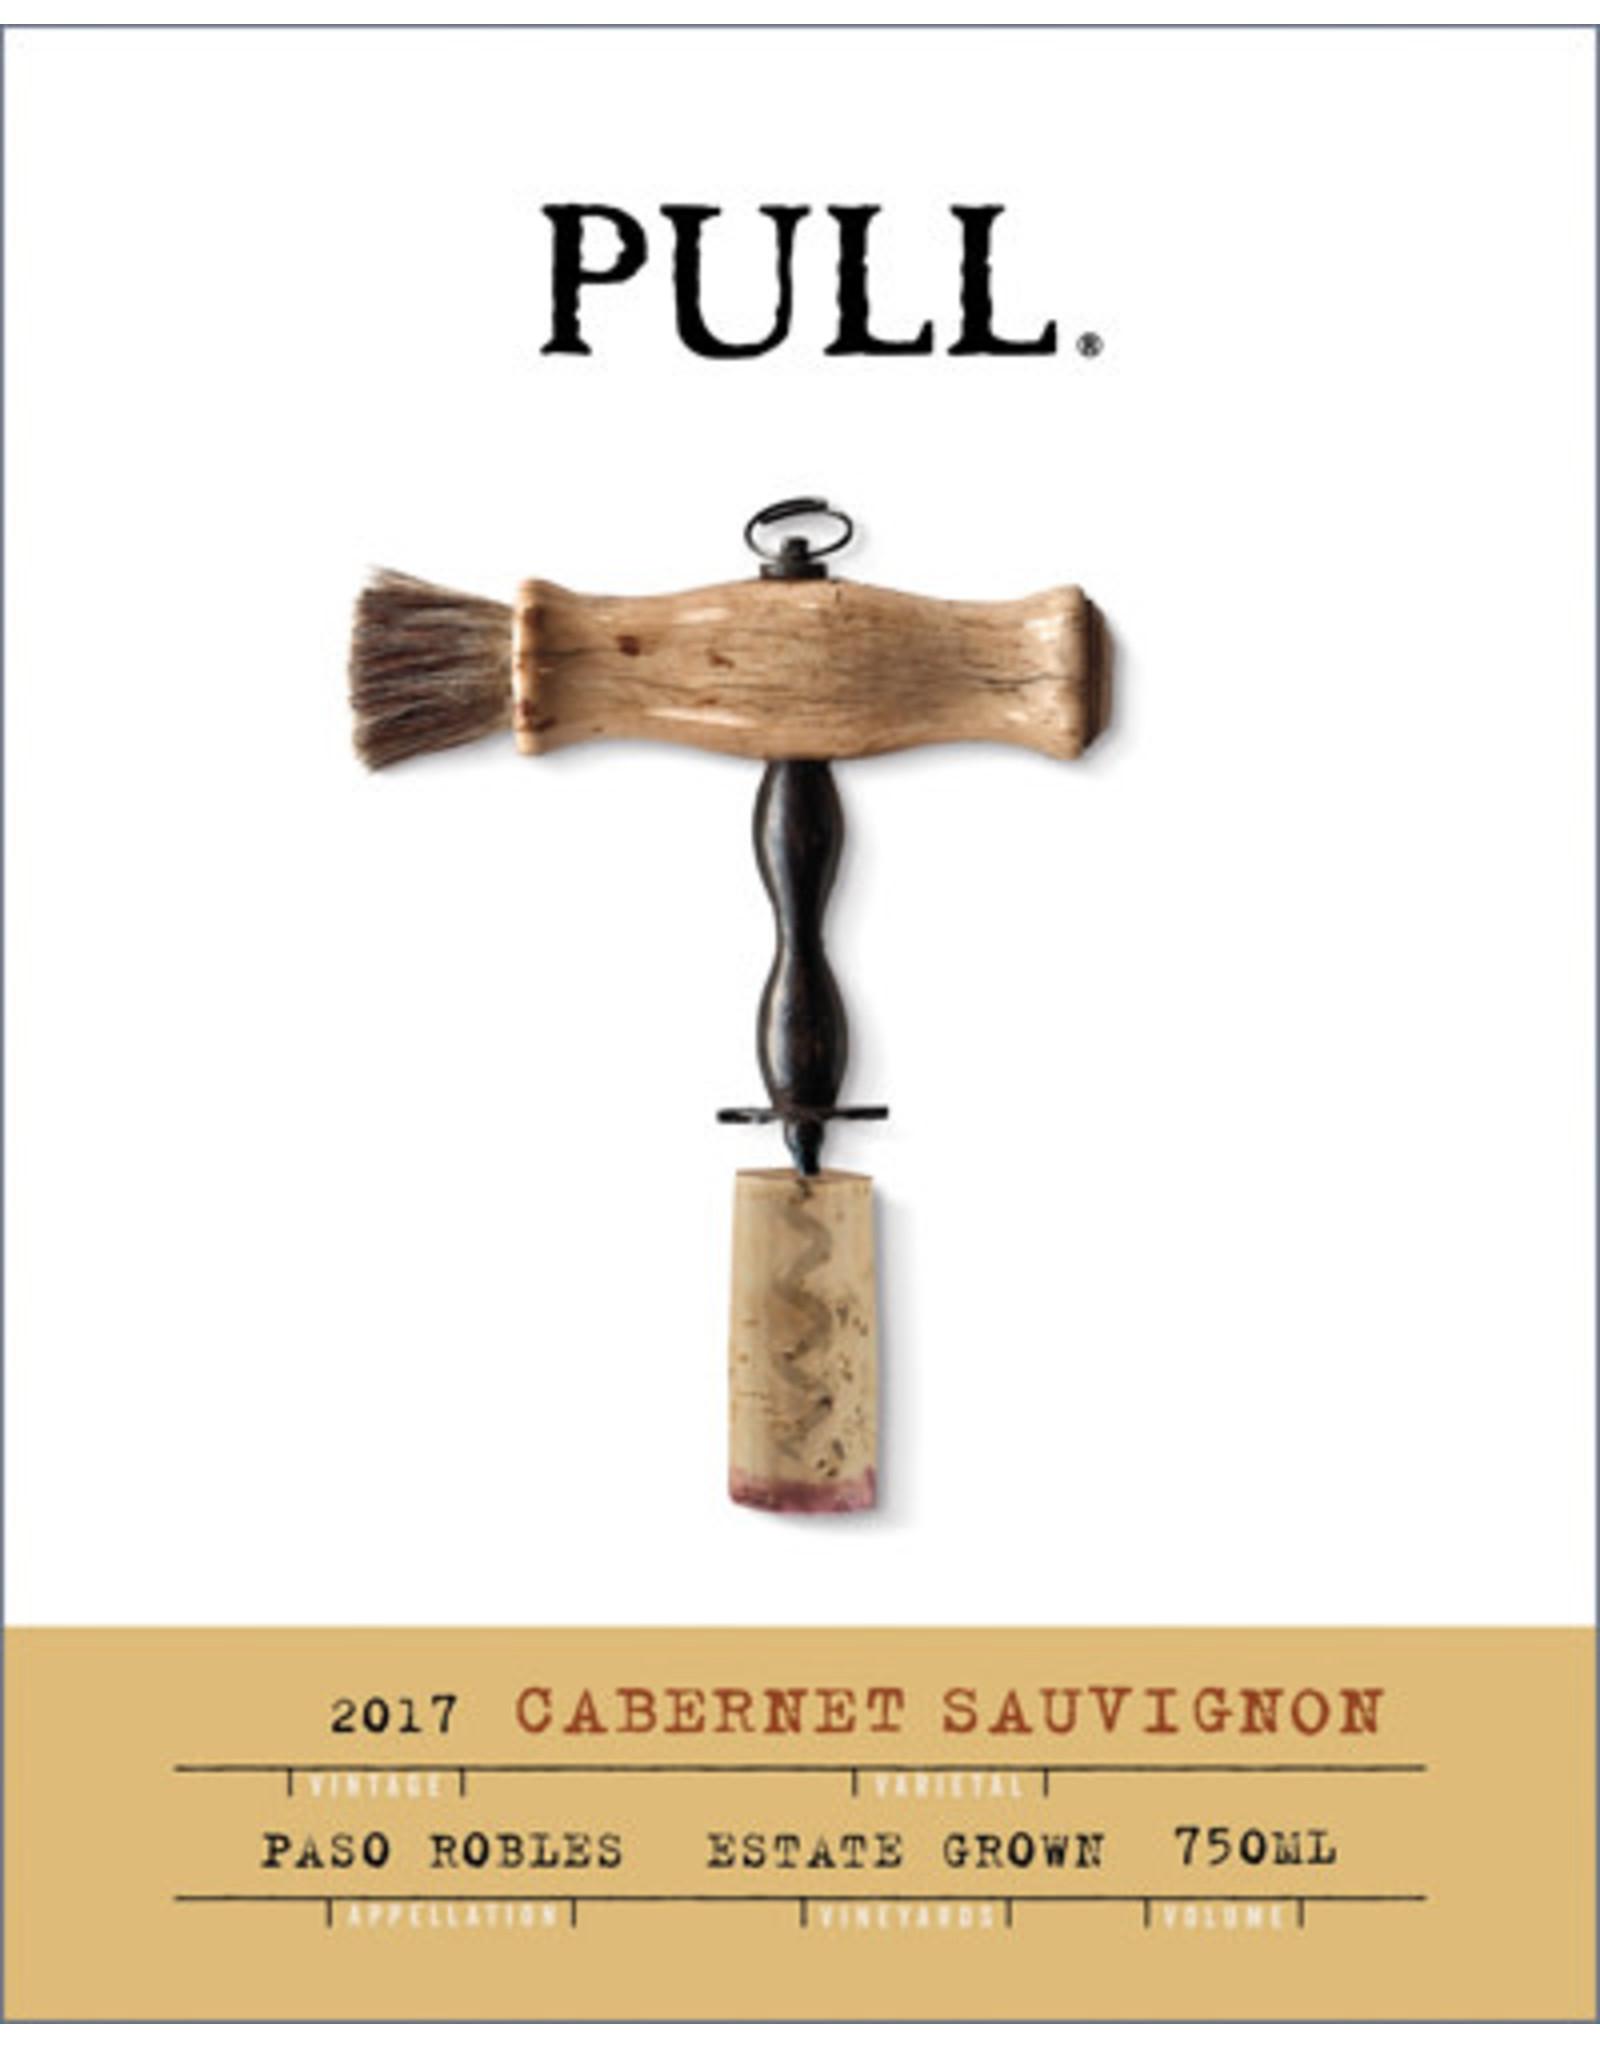 PULL CABERNET SAUVIGNON 2017